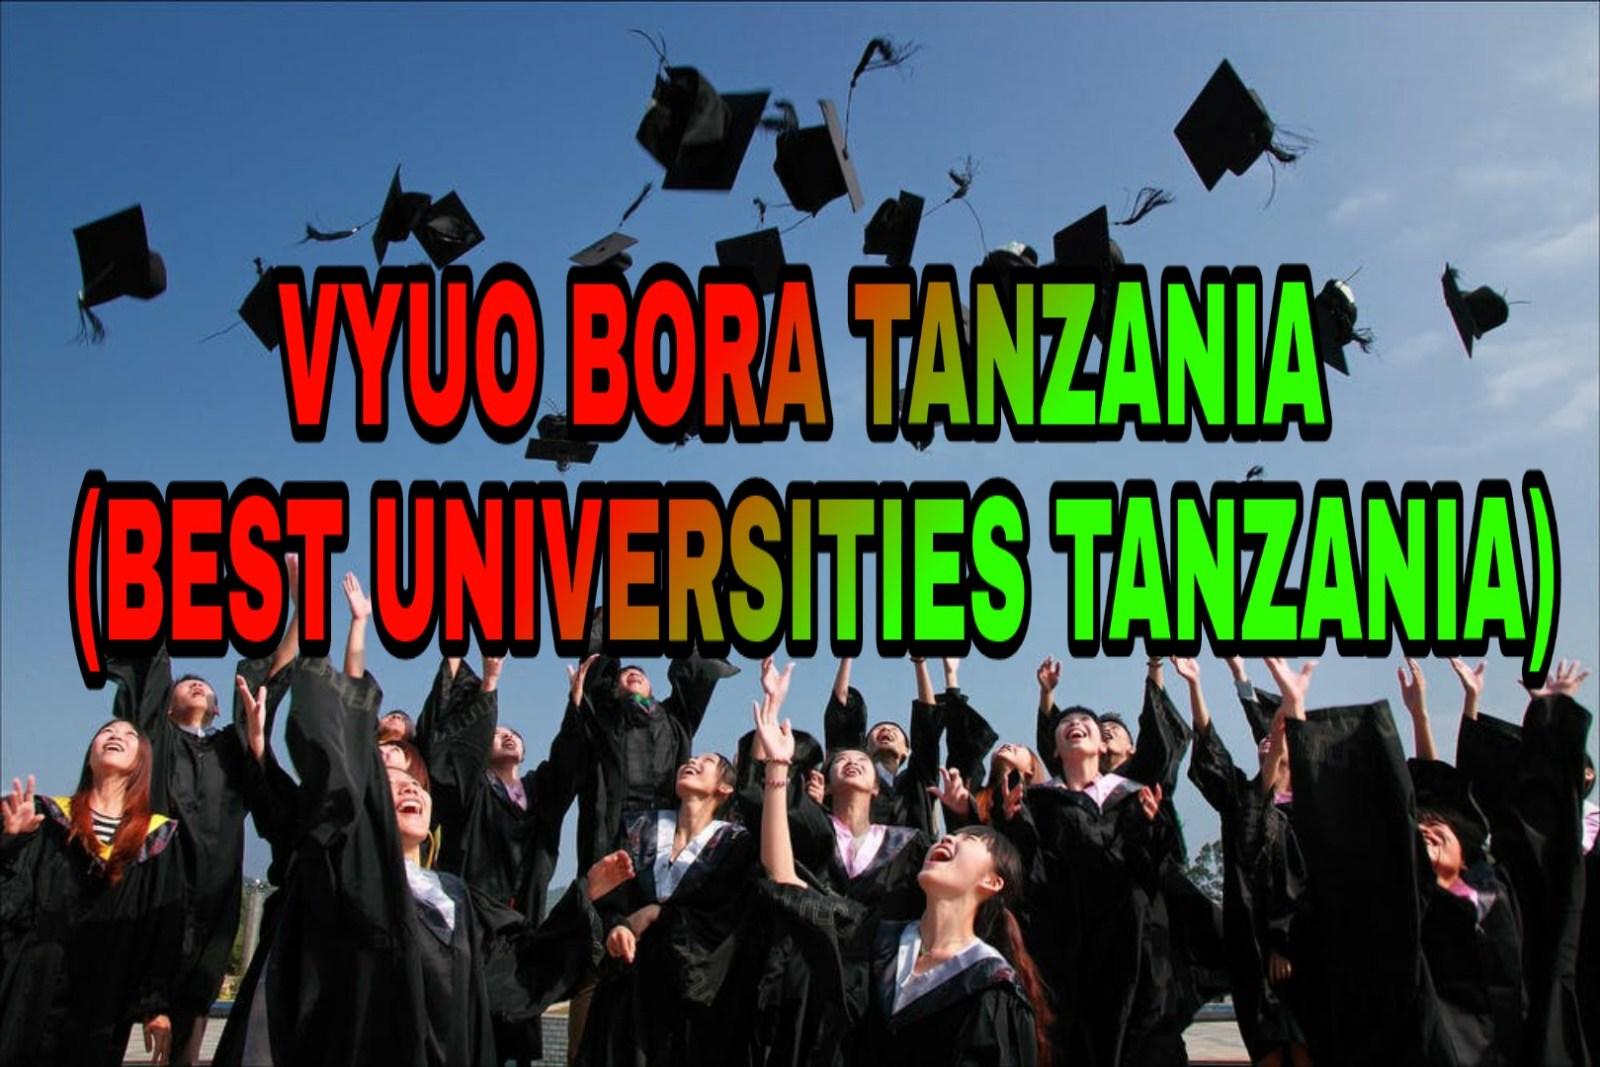 Vyuo Bora Tanzania 2020 | Best Universities Tanzania 2020